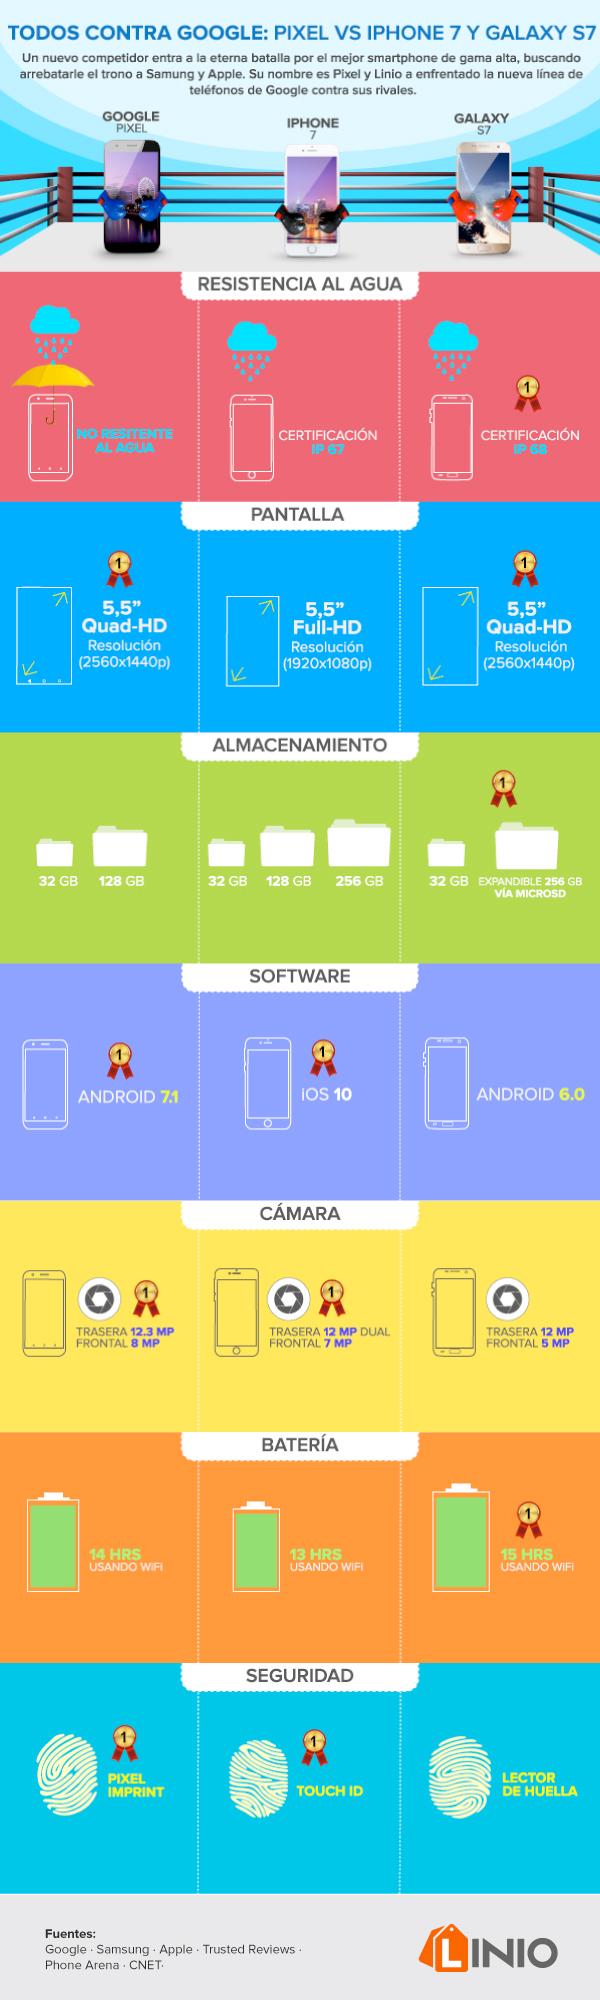 Google Pixel XL vs iPhone 7 Plus y Samsung Galaxy S7 edge ¿Cuál es el vencedor? - pixel-completa